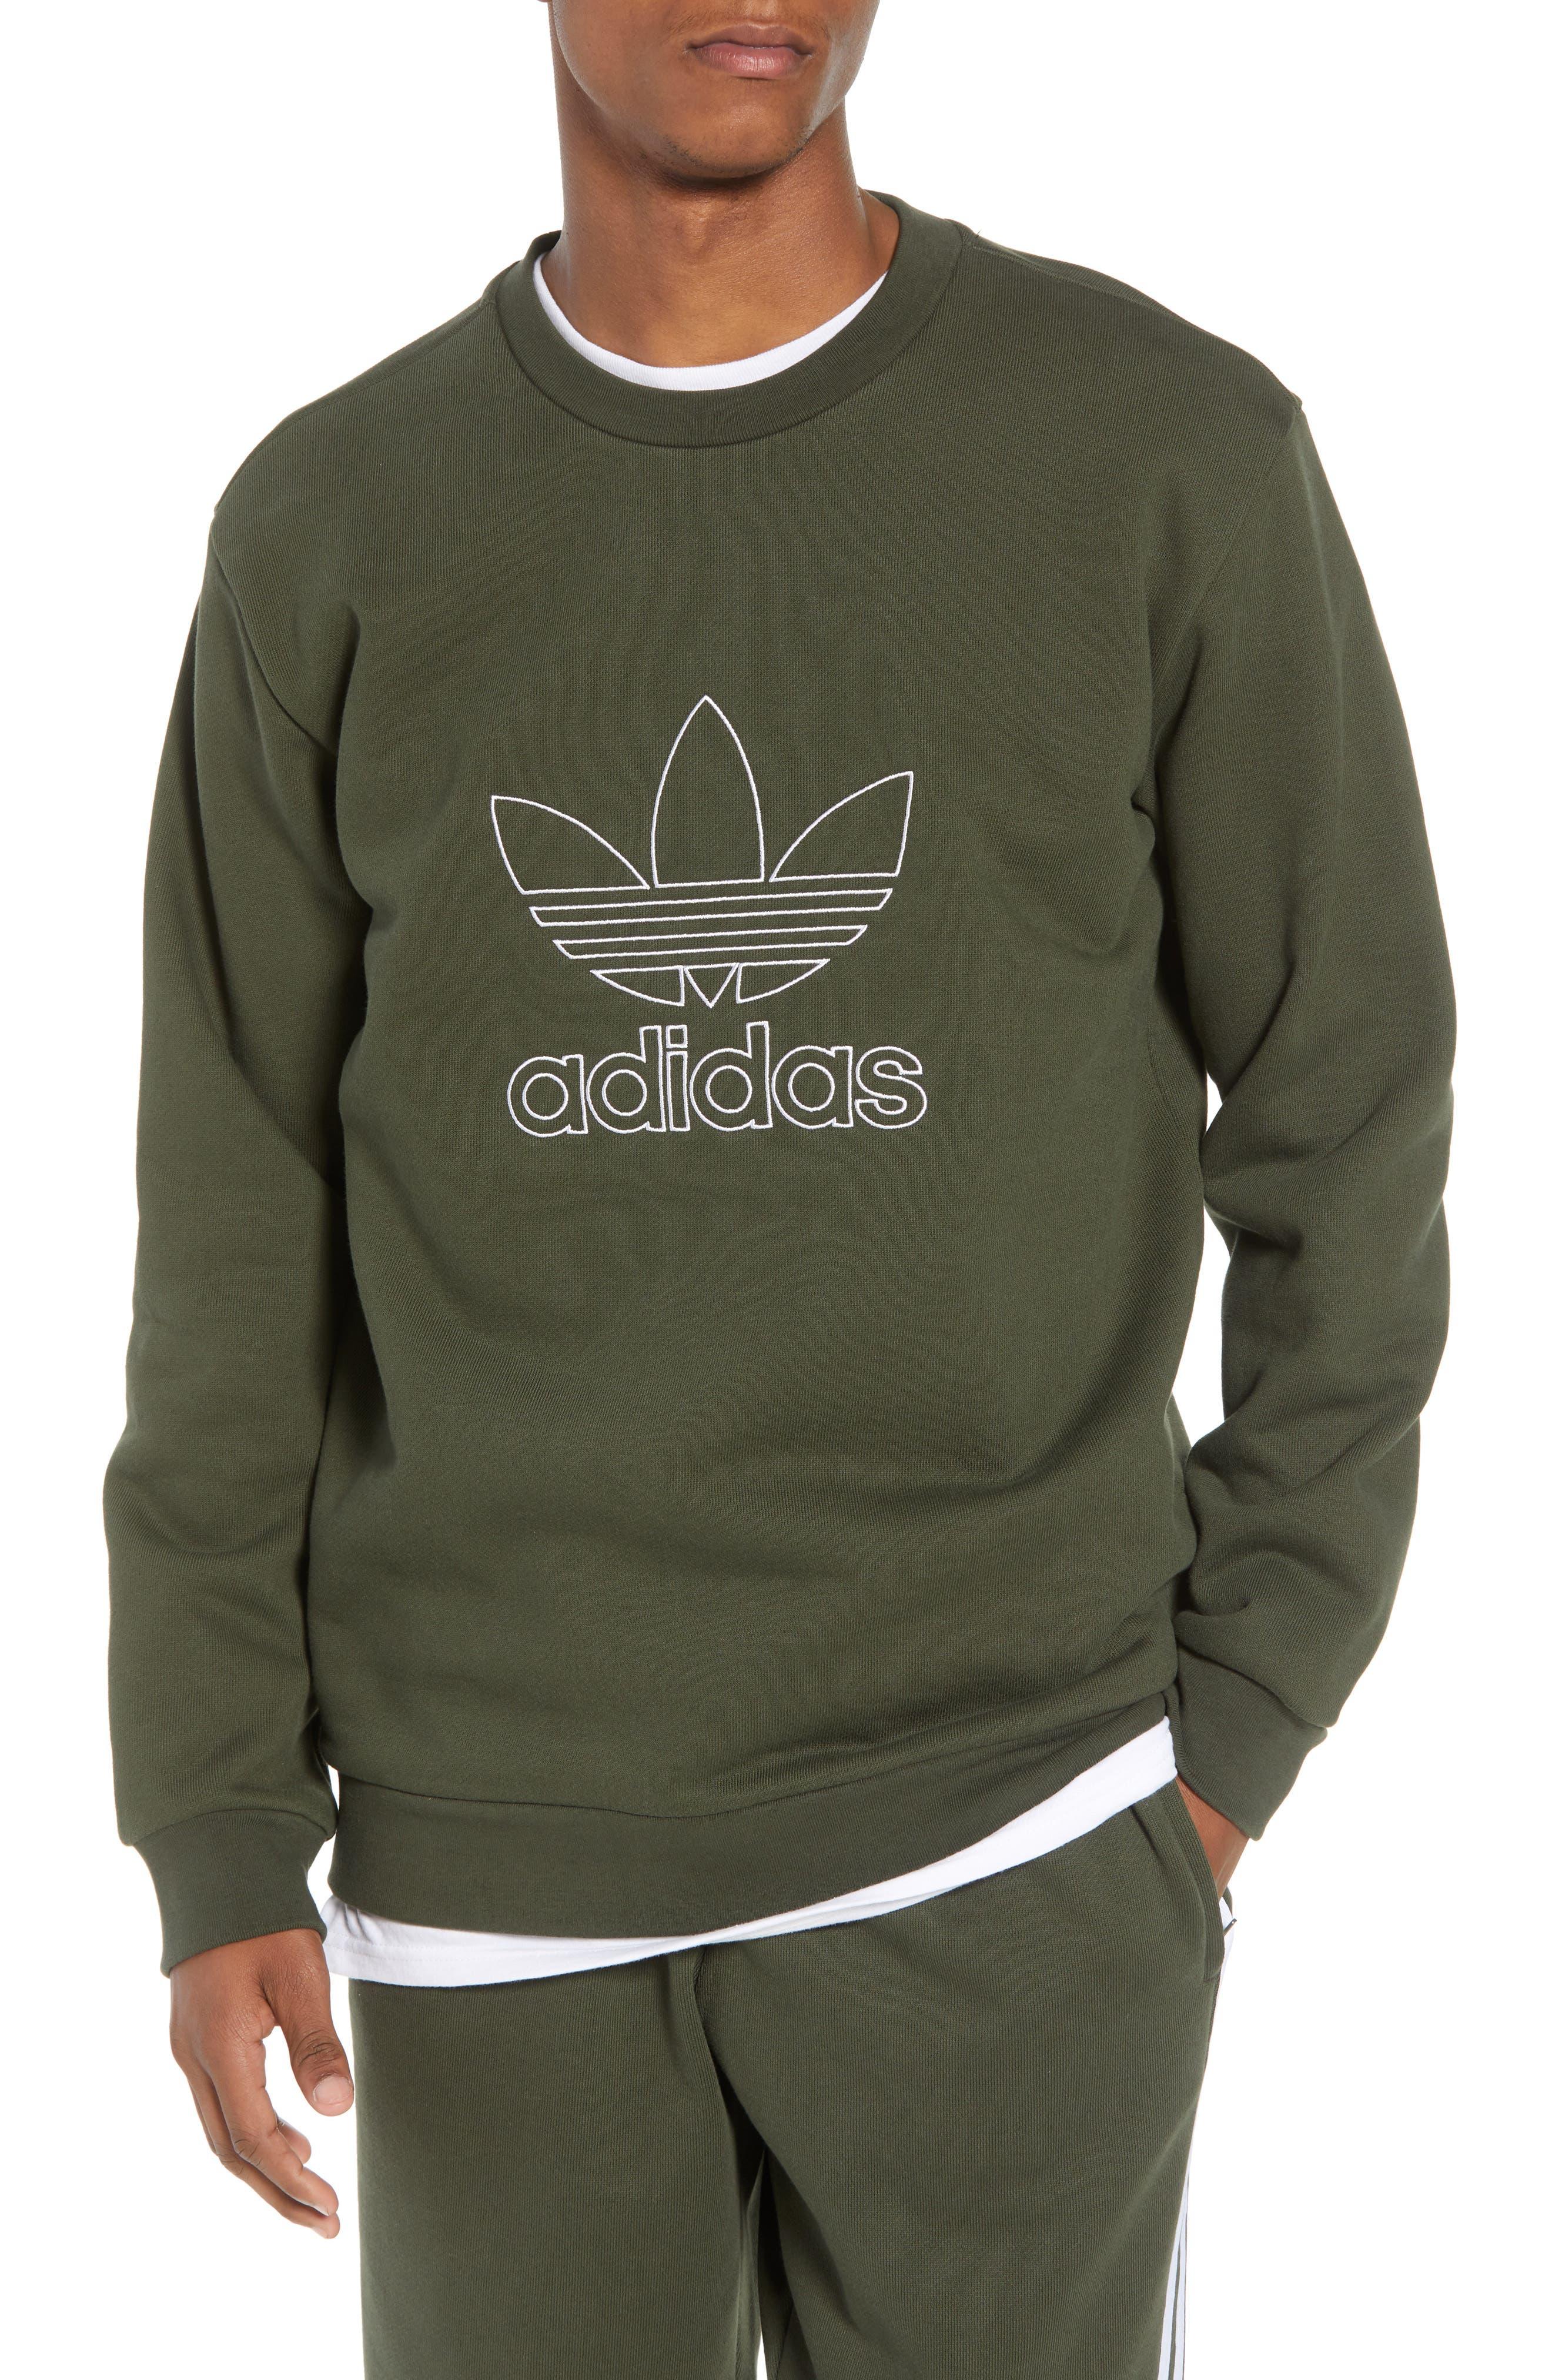 adidas Outline Trefoil Crewneck Sweatshirt,                             Main thumbnail 1, color,                             307